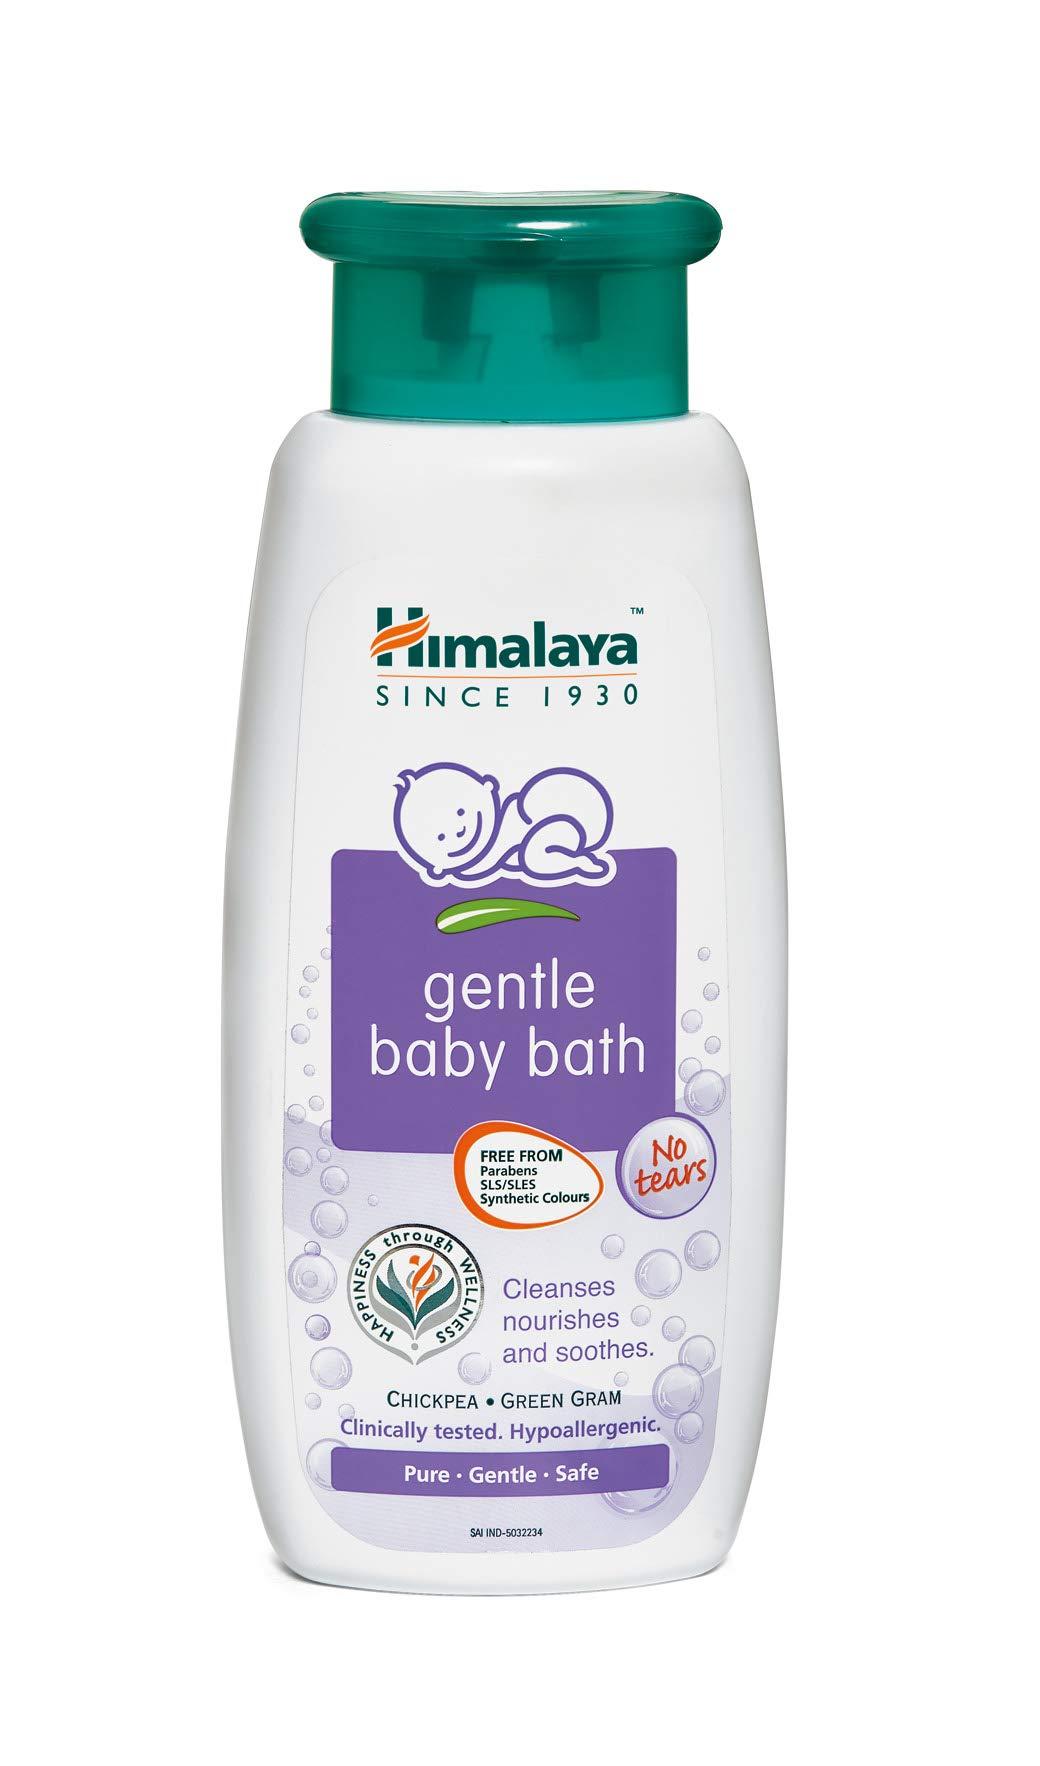 Himalaya Gentle Baby Bath (400ml) product image